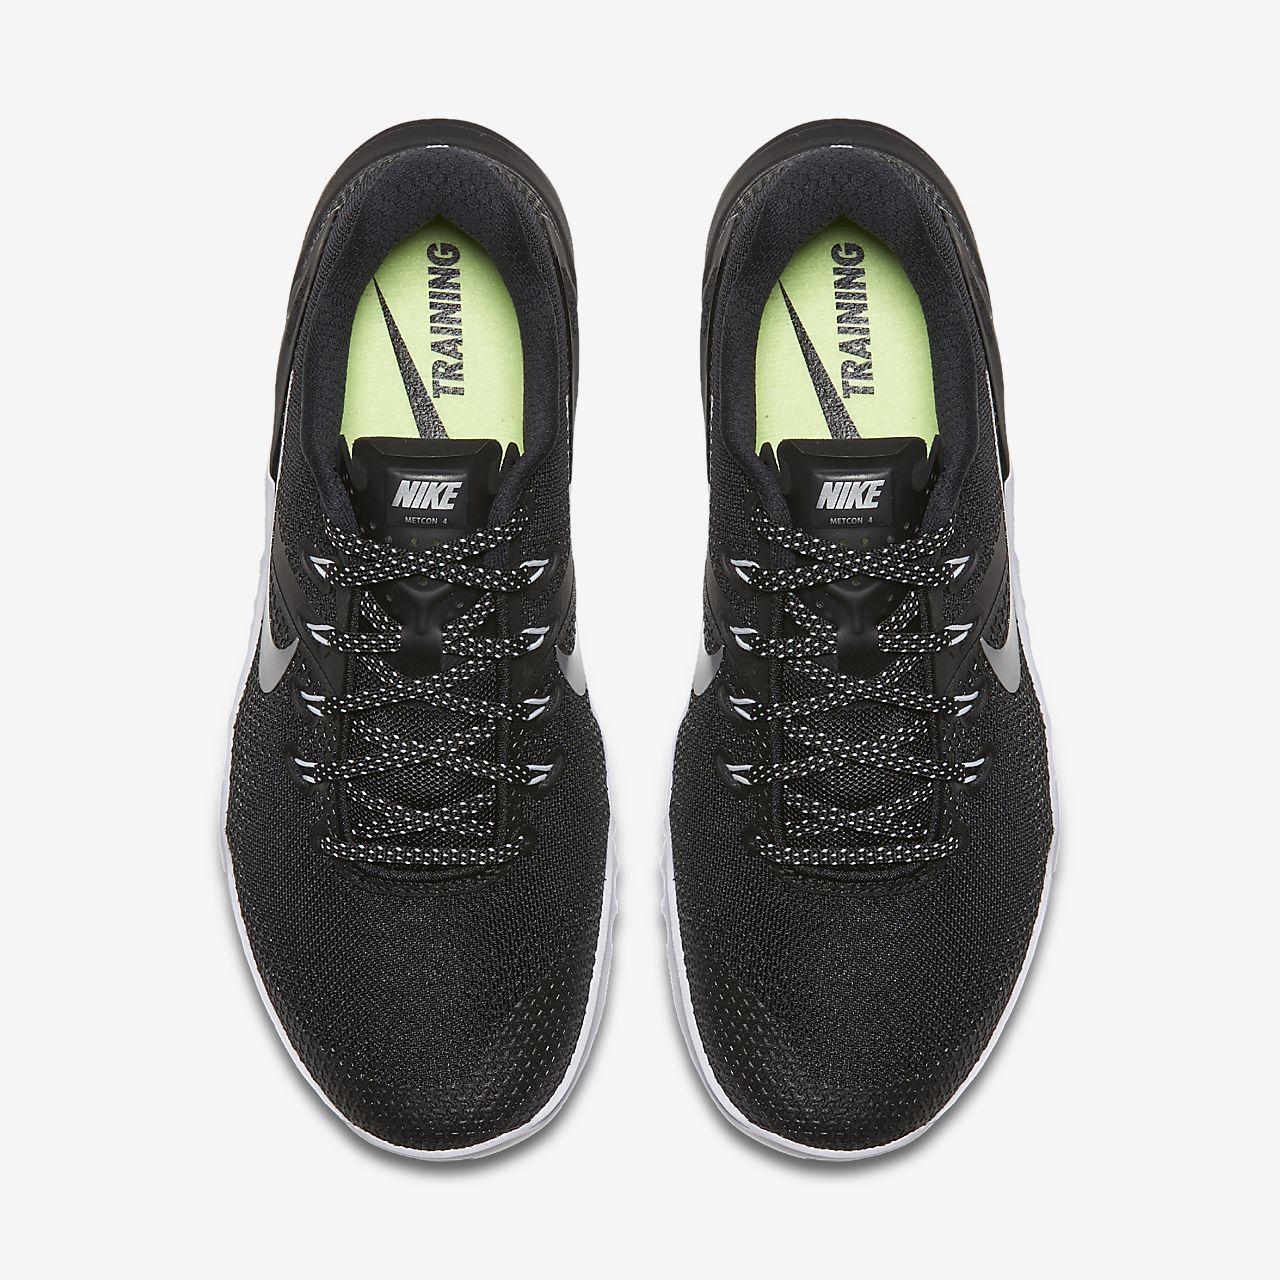 online store eff8a 18b96 ... Chaussure de cross-training et de renforcement musculaire Nike Metcon 4  pour Femme